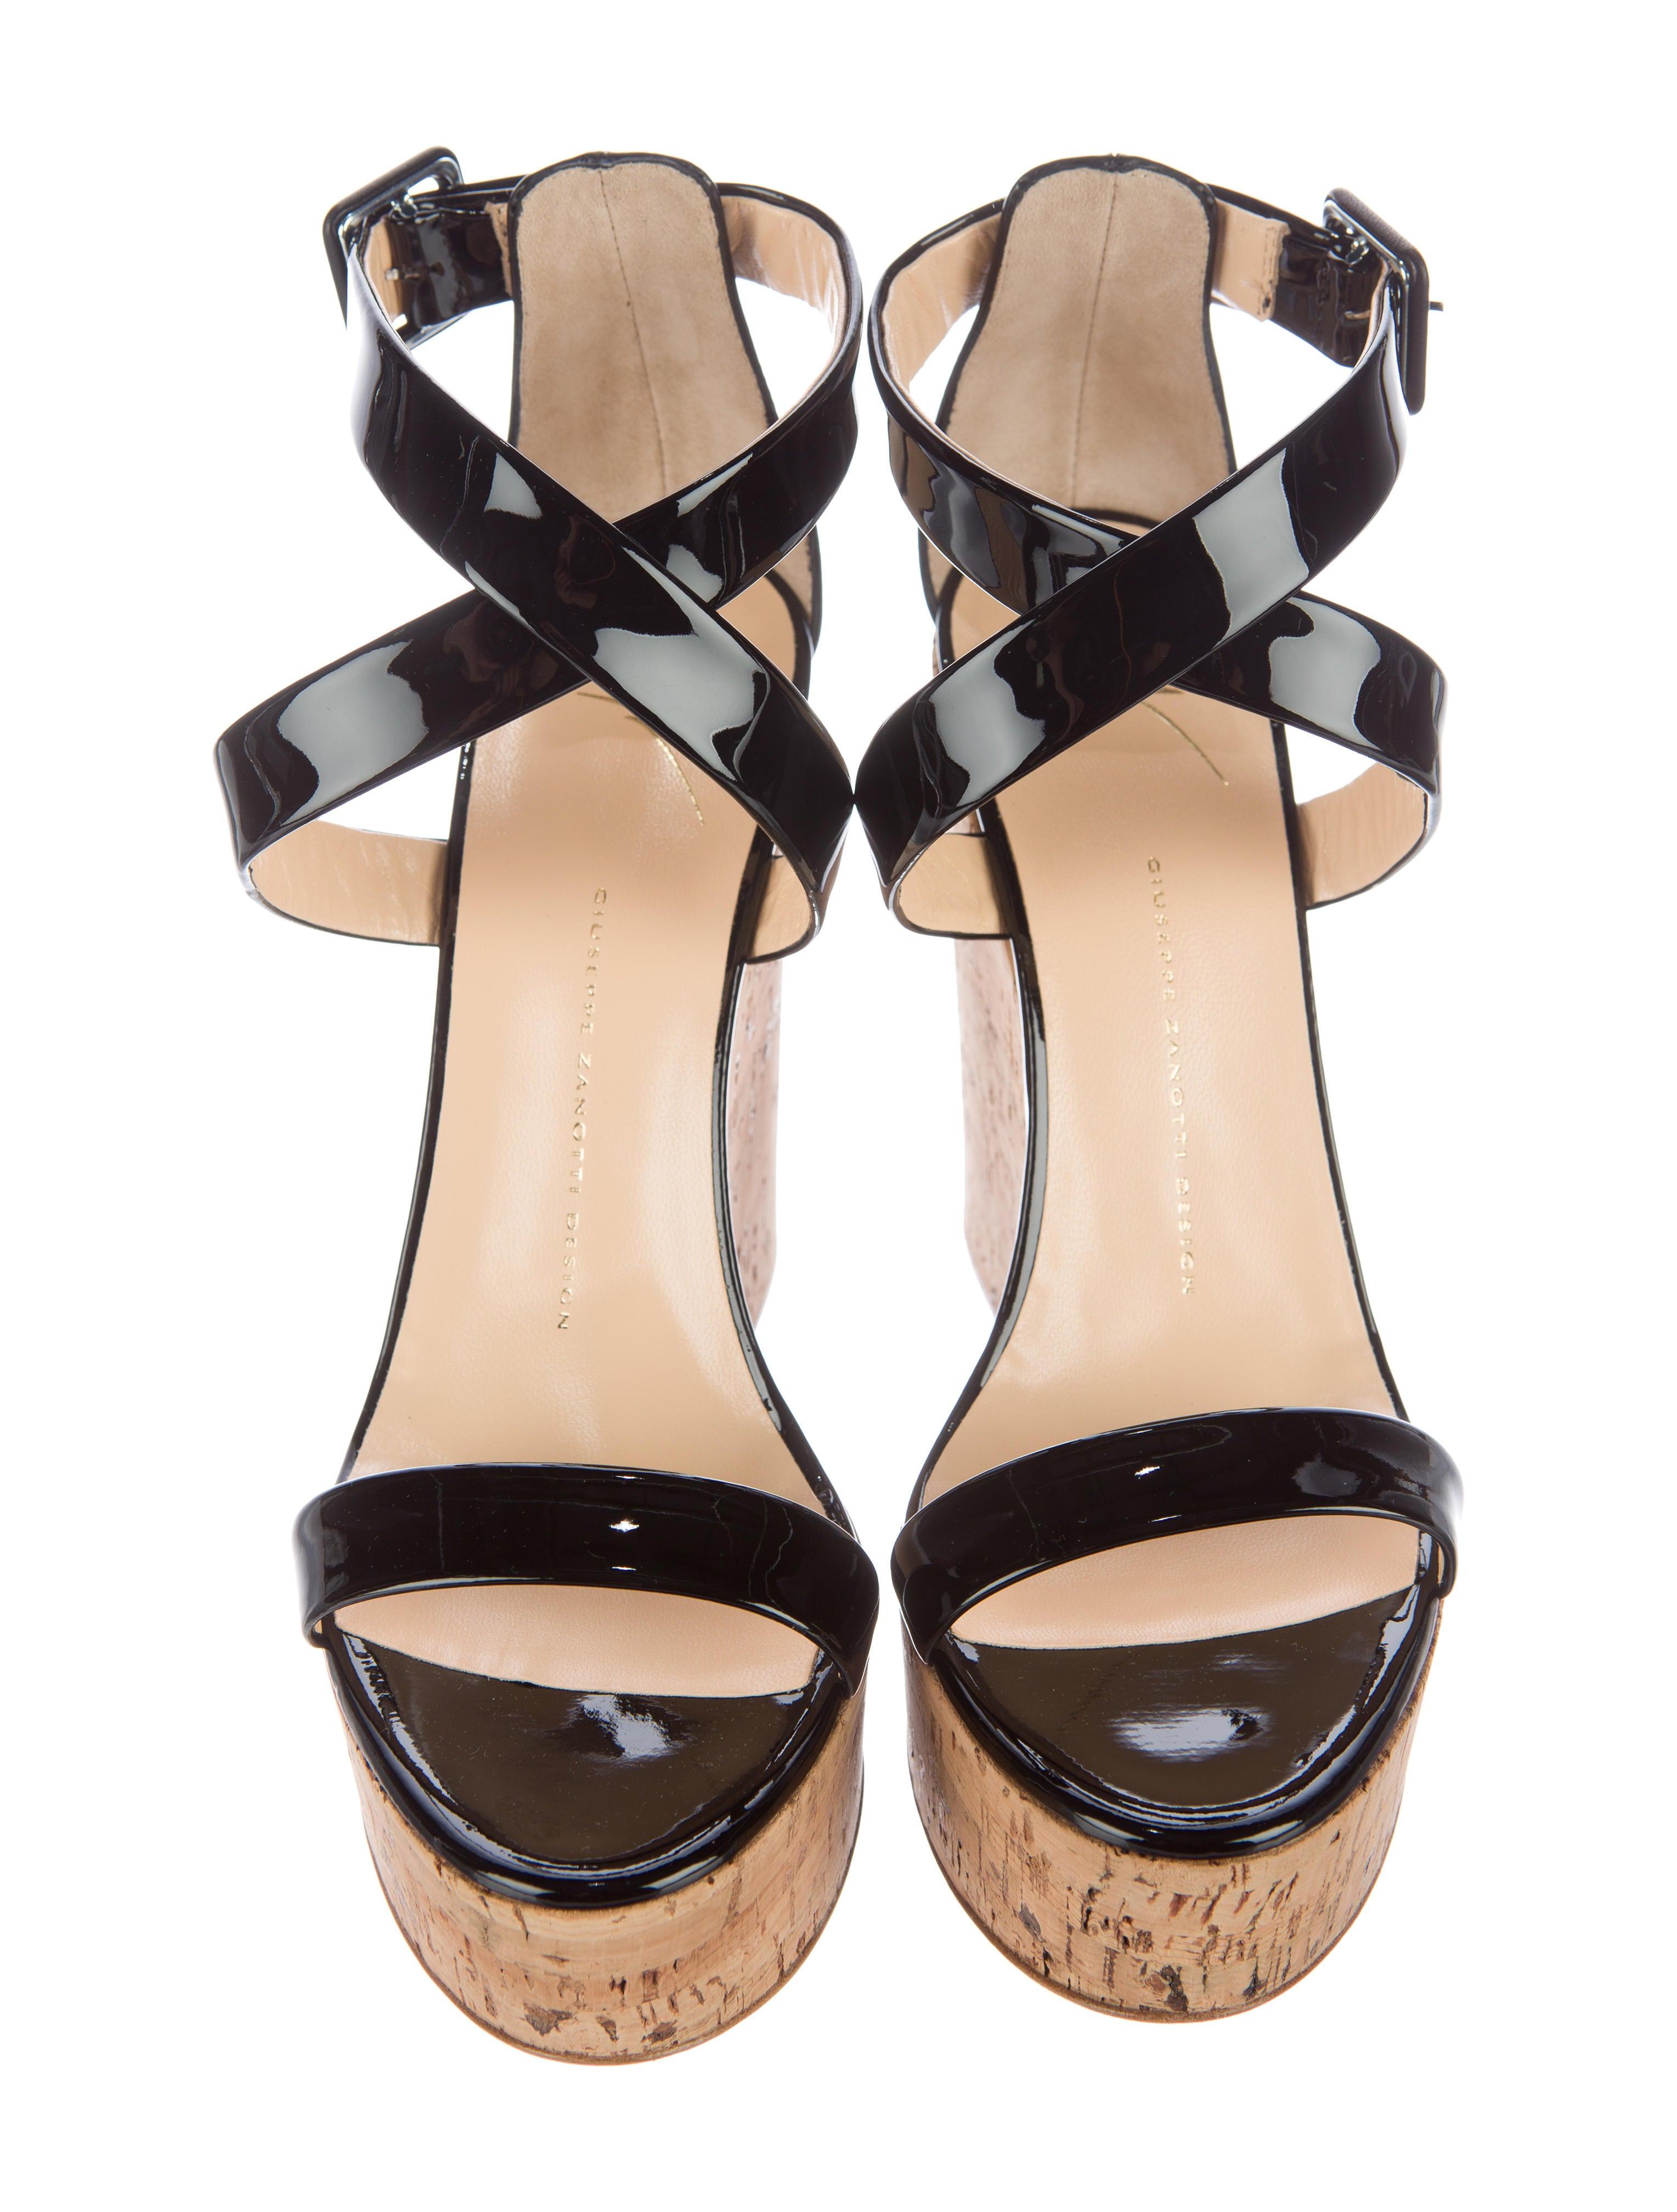 e74b722073 Giuseppe Zanotti Red Sandals Amazon Rei Water Sandals   MasterBrace